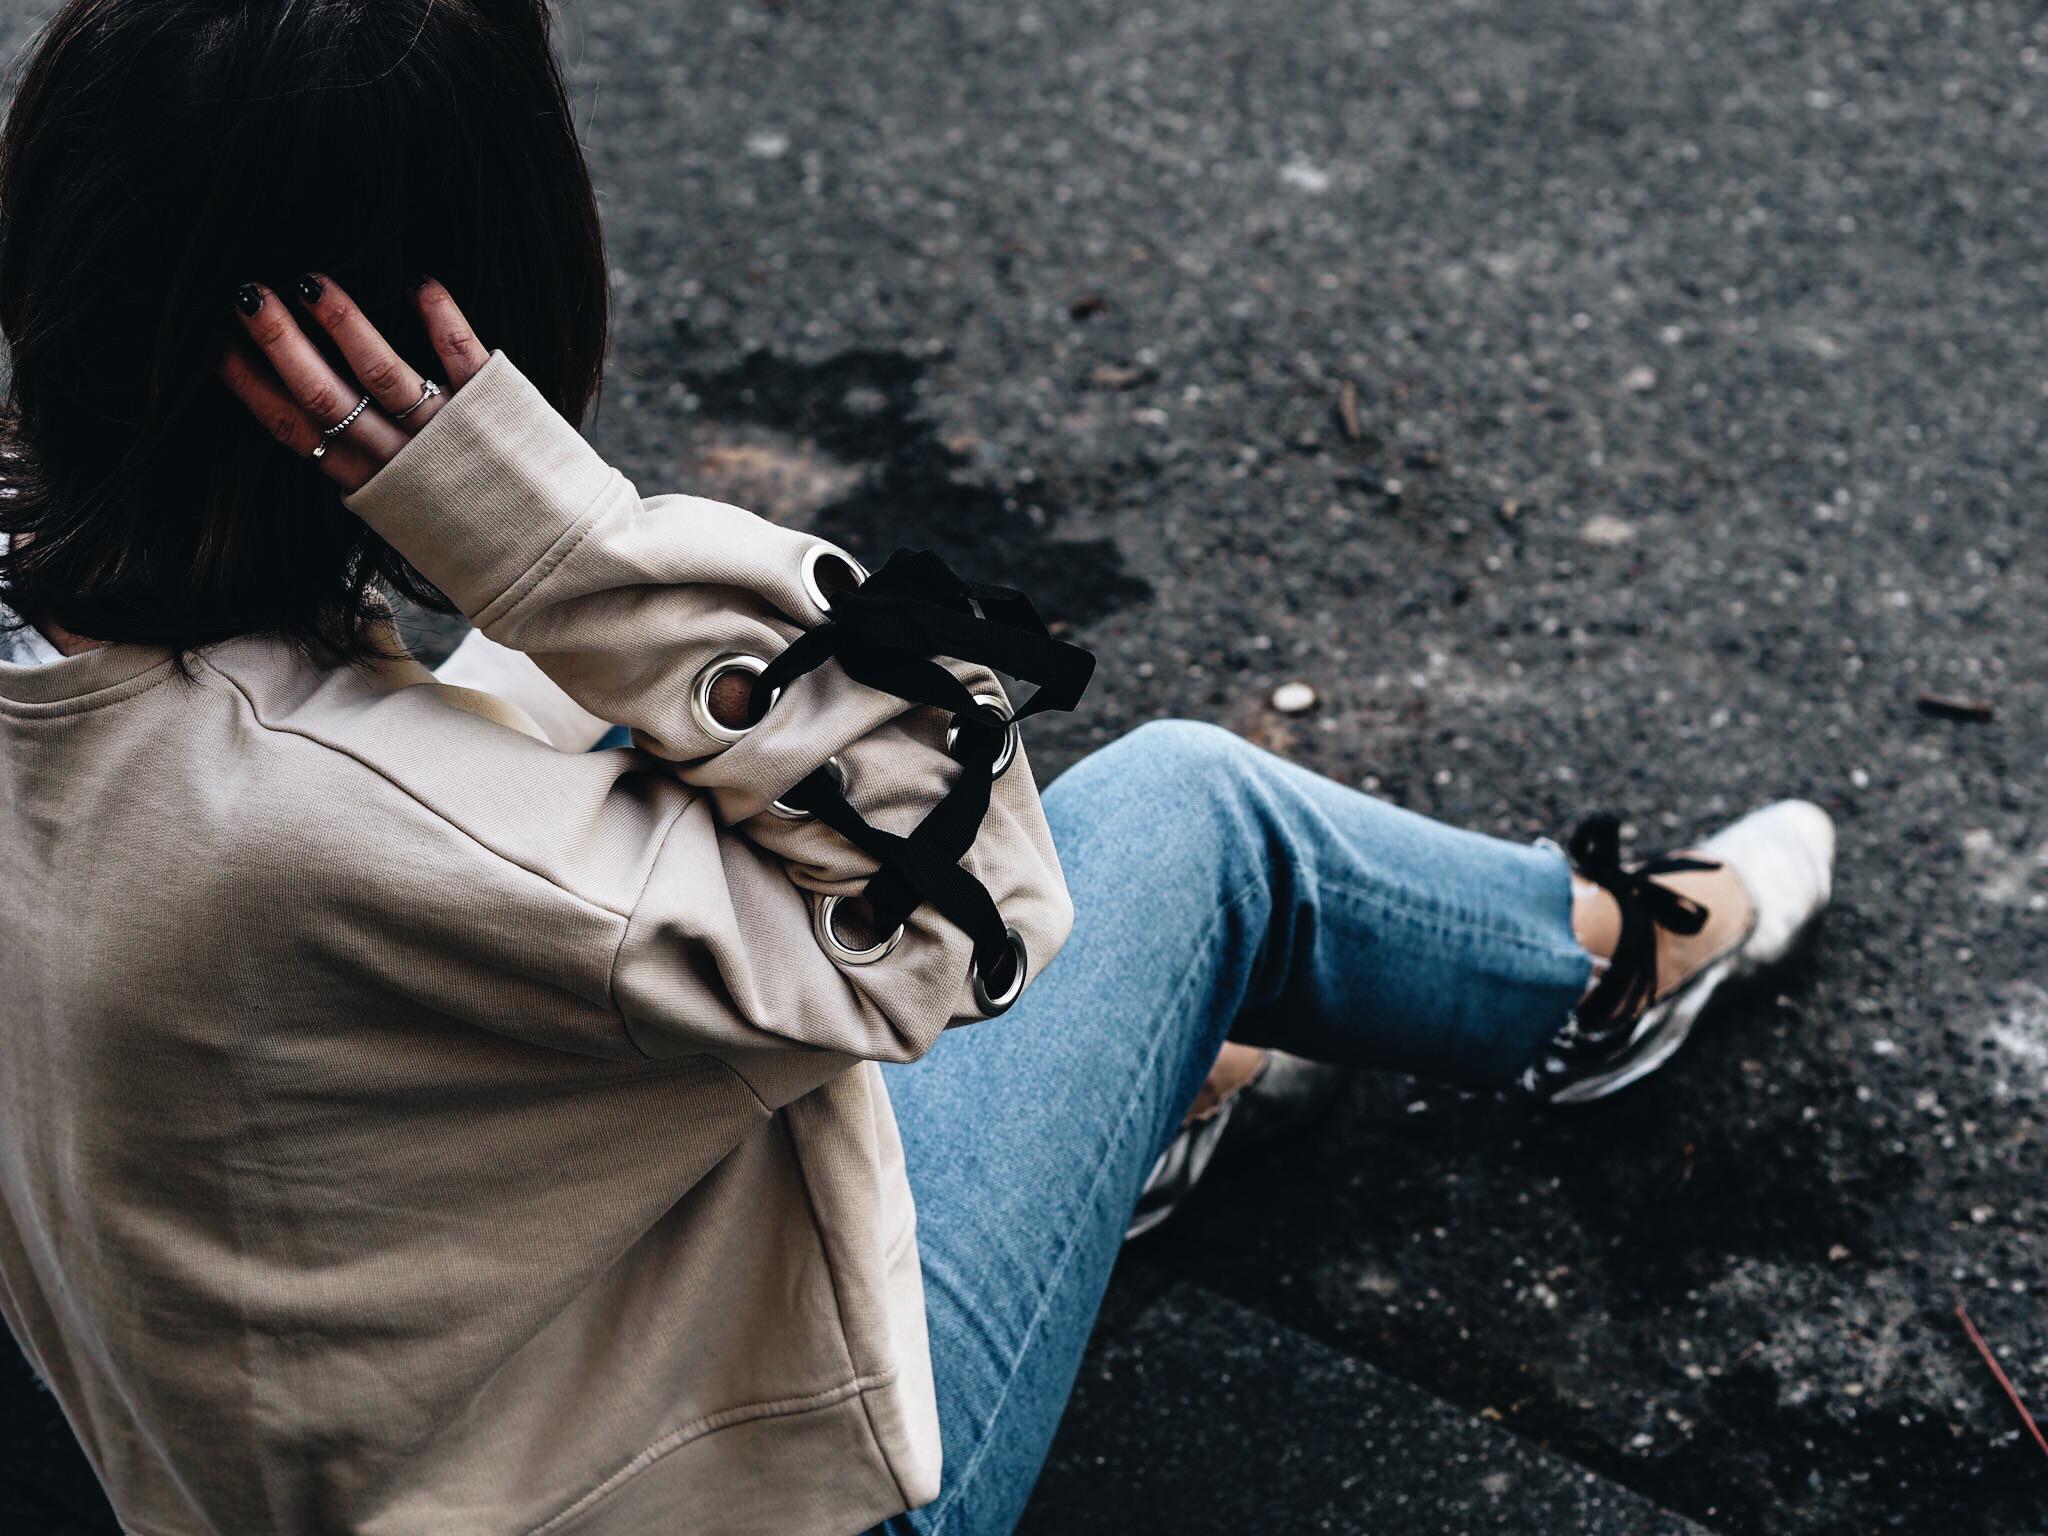 allthatchoices by laura fashionblog mainz schnürung Pulli Ösen Lace Up Ballerinas Zara